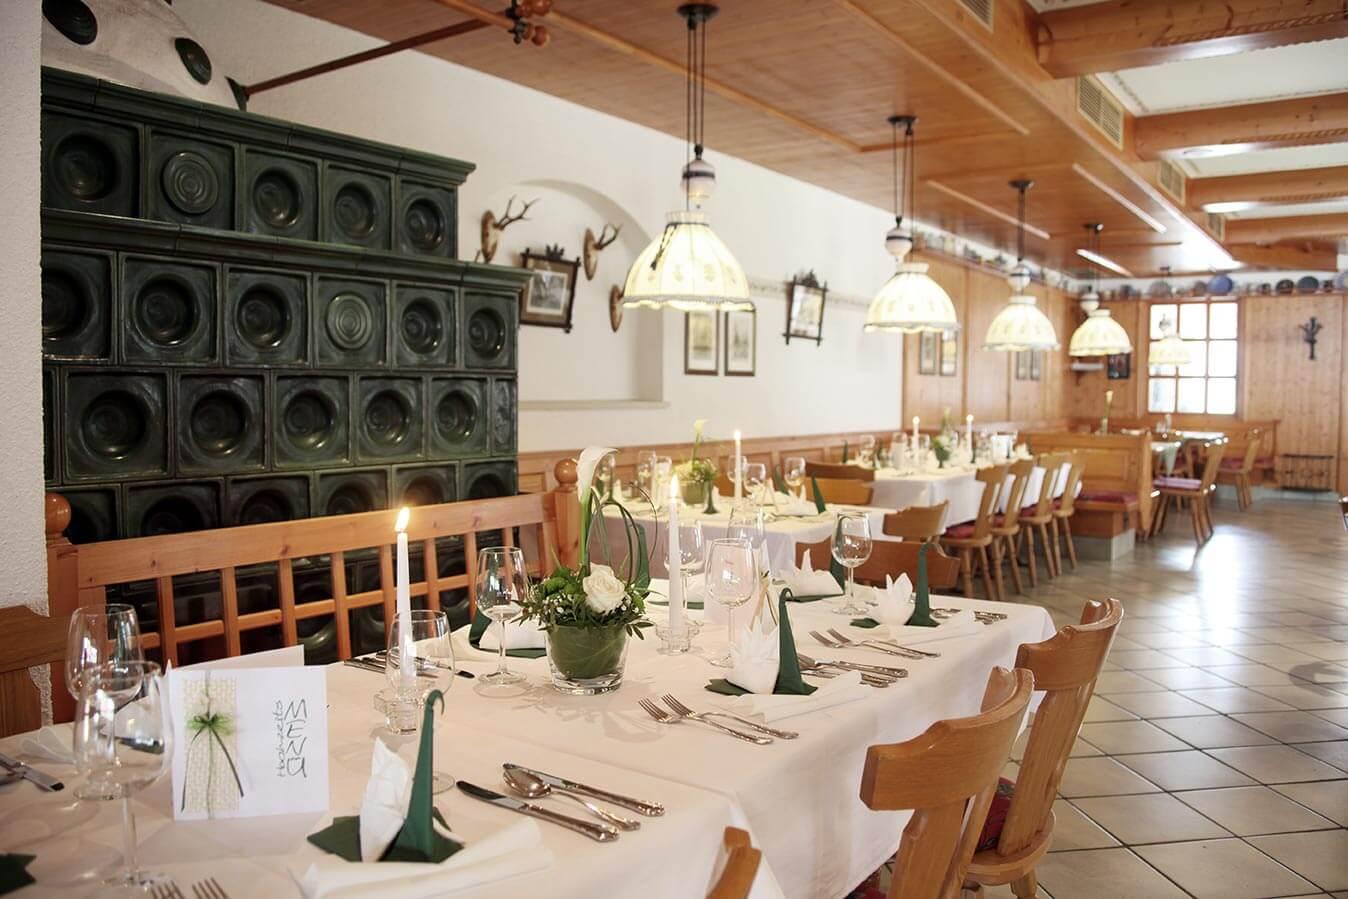 Kleiner Festsaal mit Kaminofen für die Familienfeier oder Taufe.